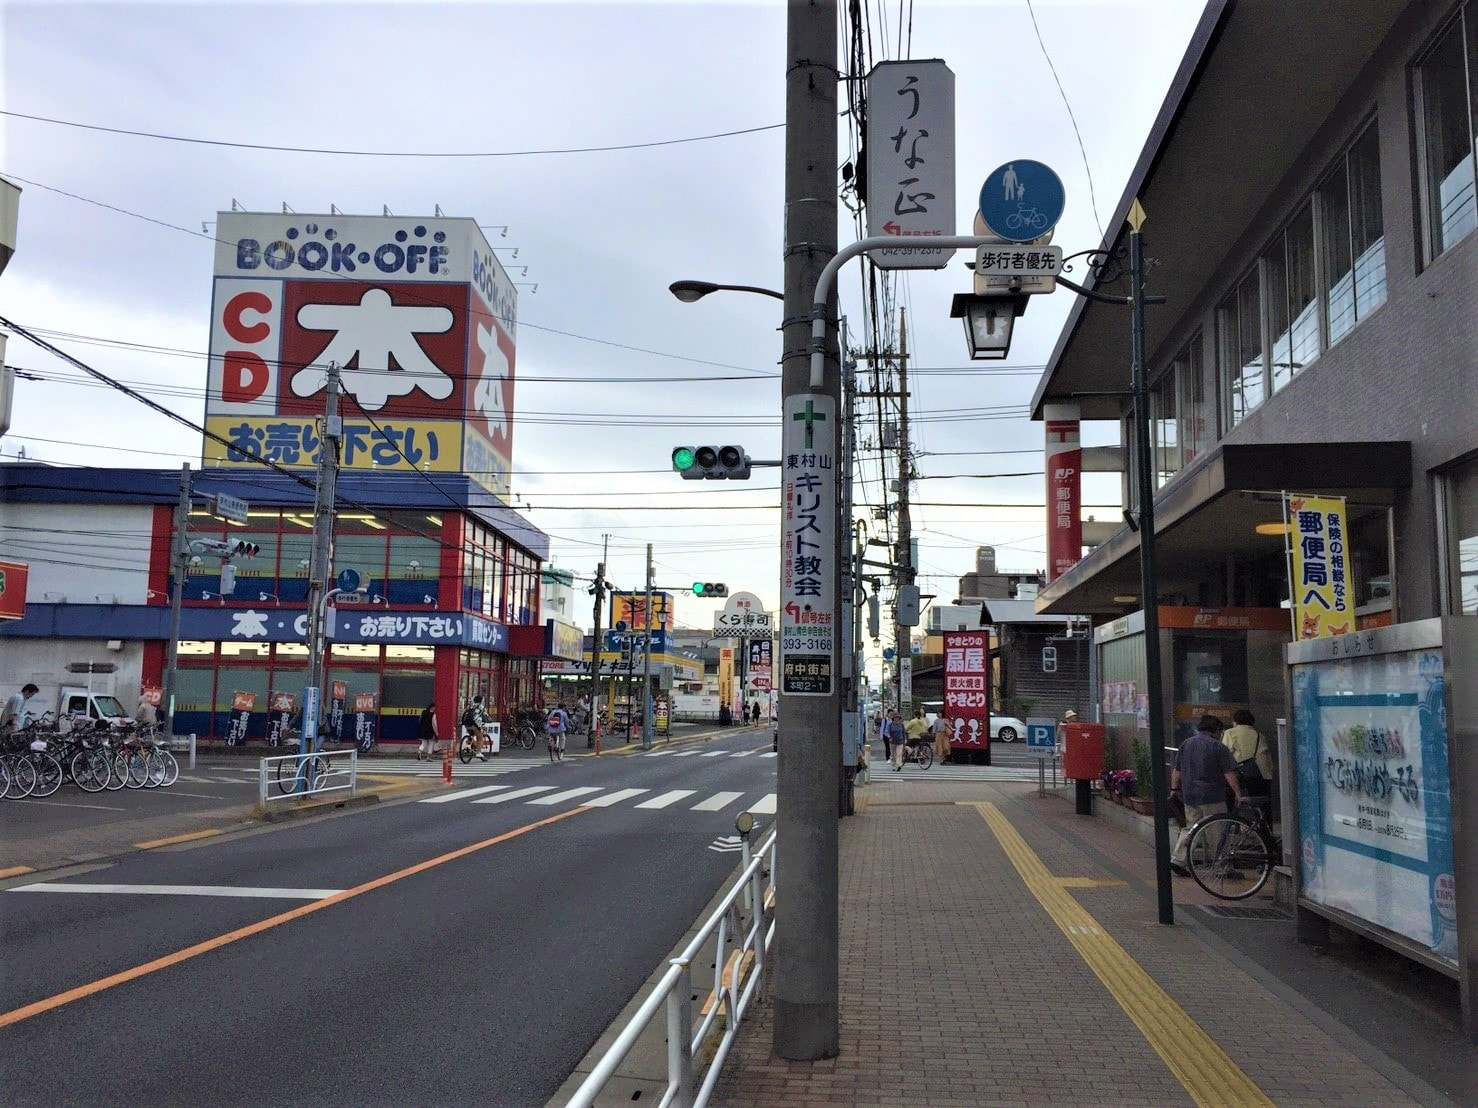 お店が多い大通りの風景